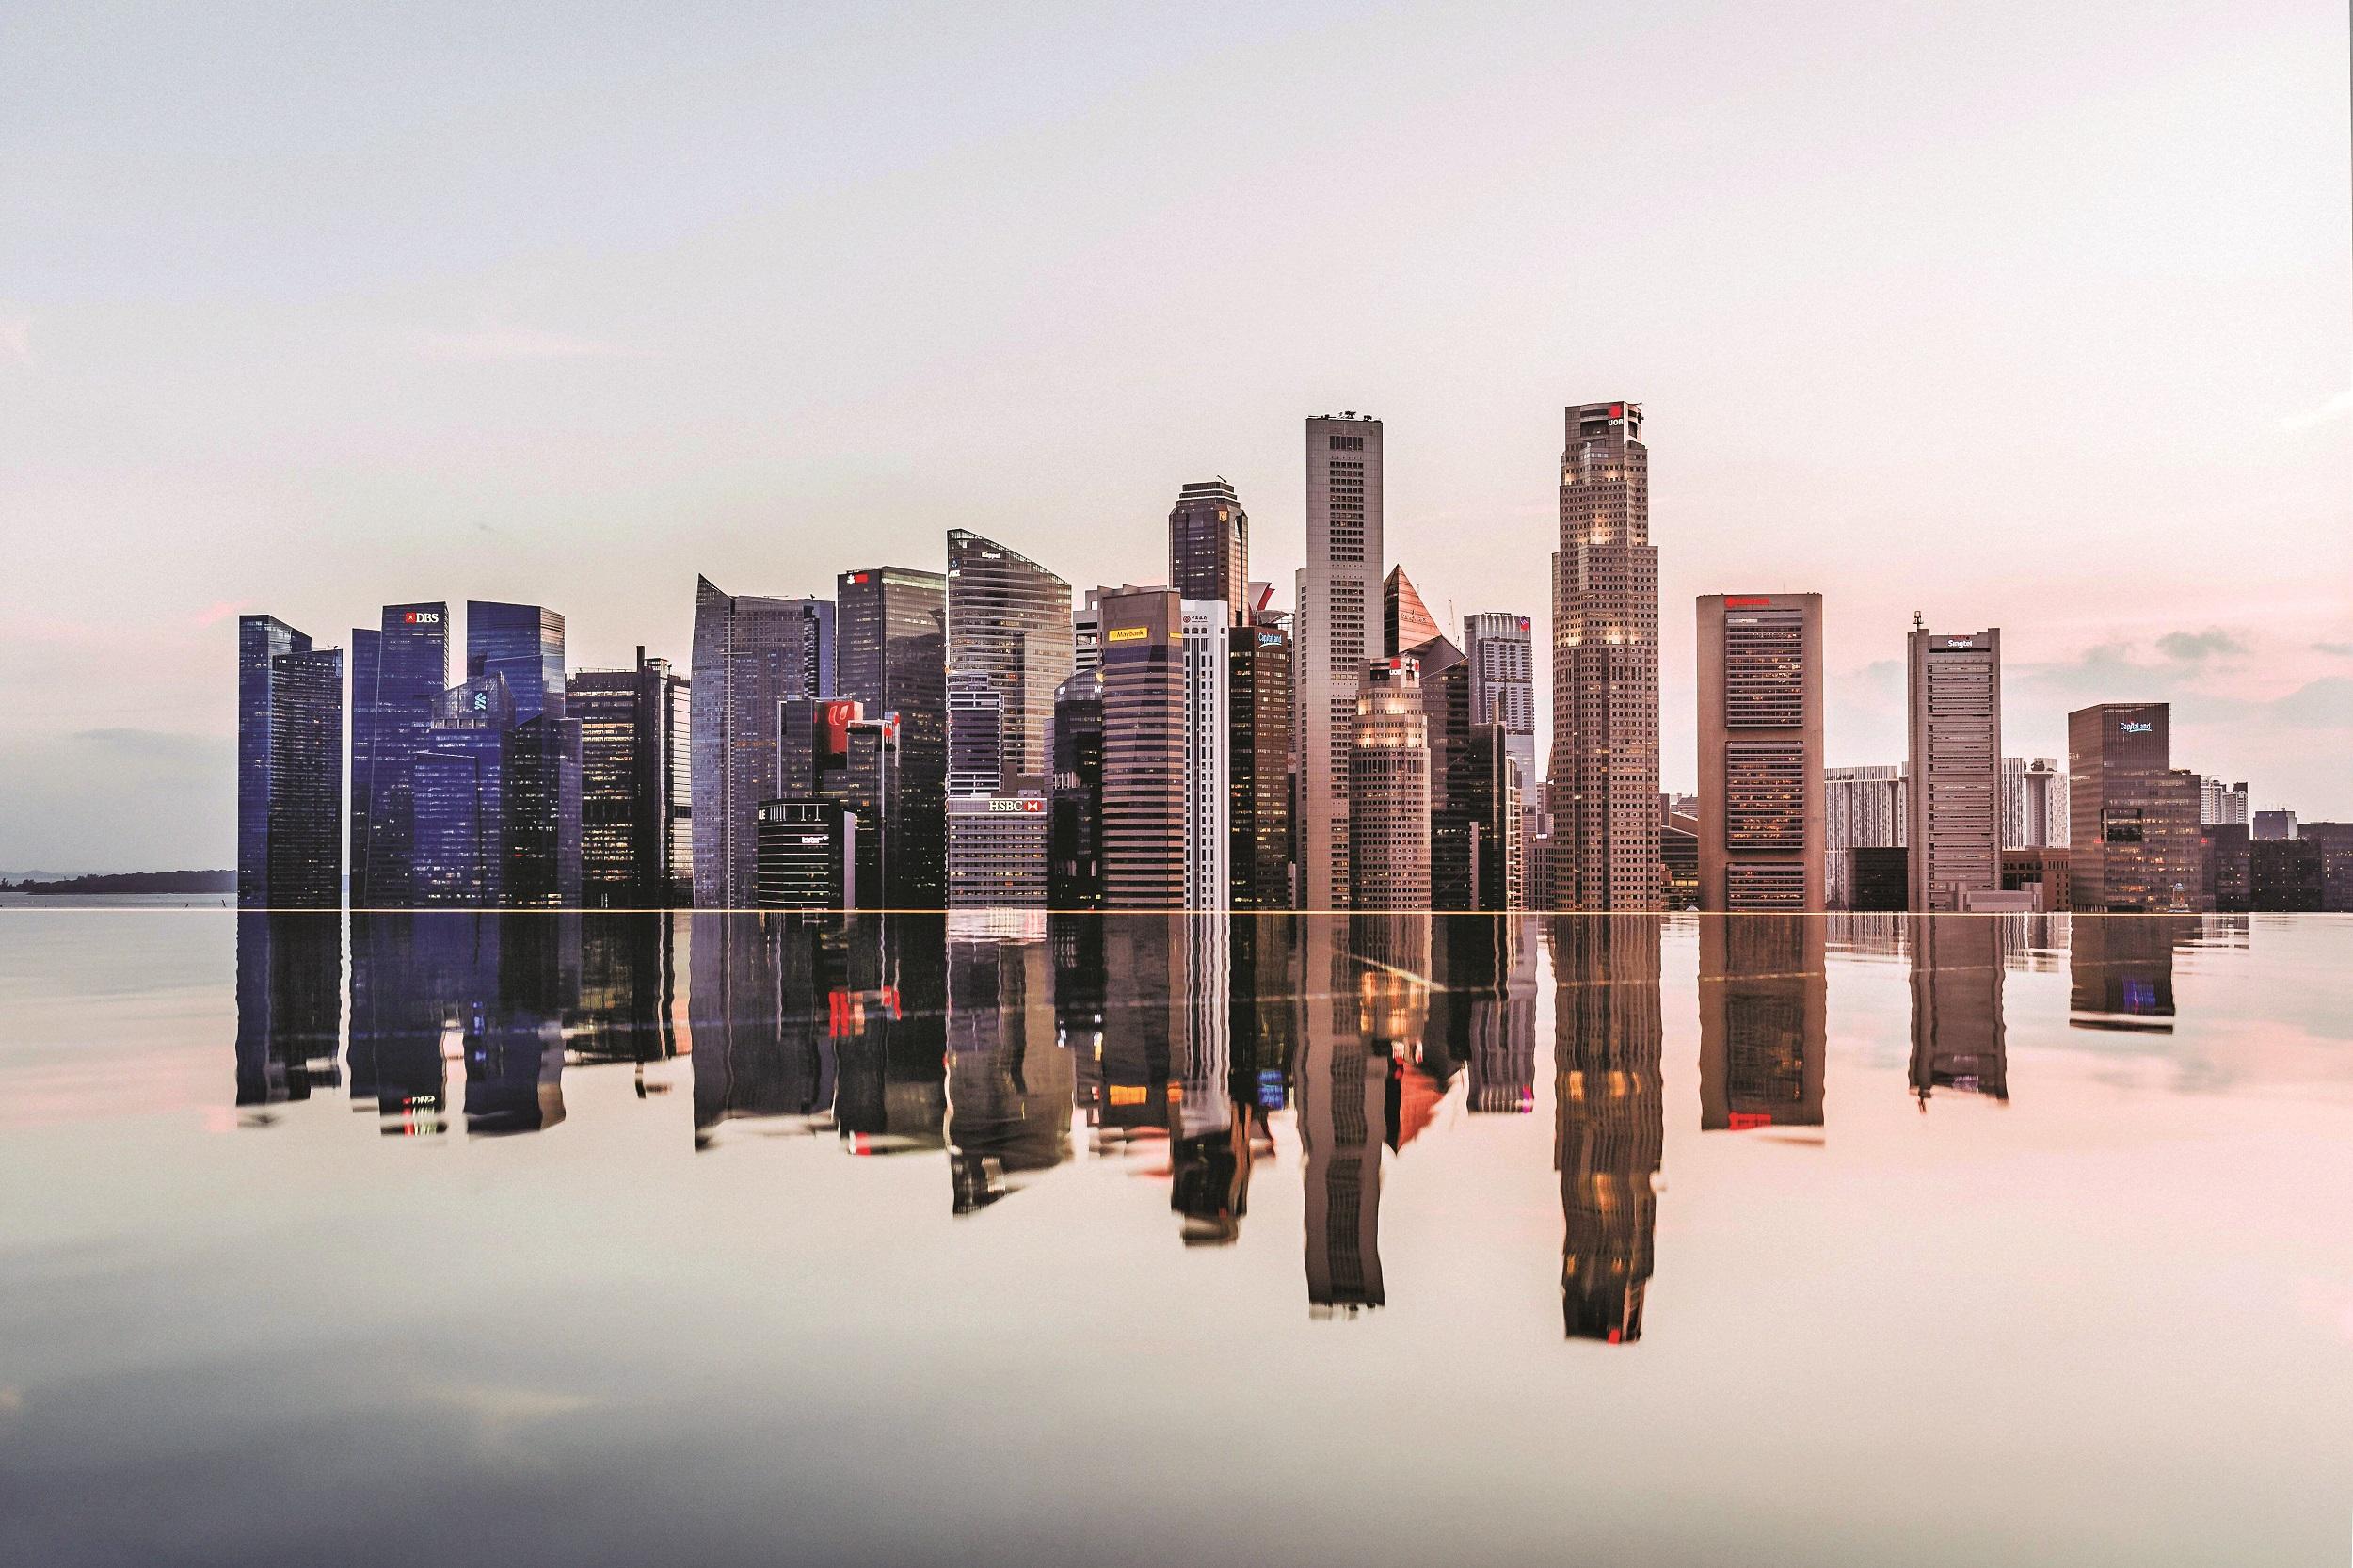 آموزش سواد مالی در کشور سنگاپور